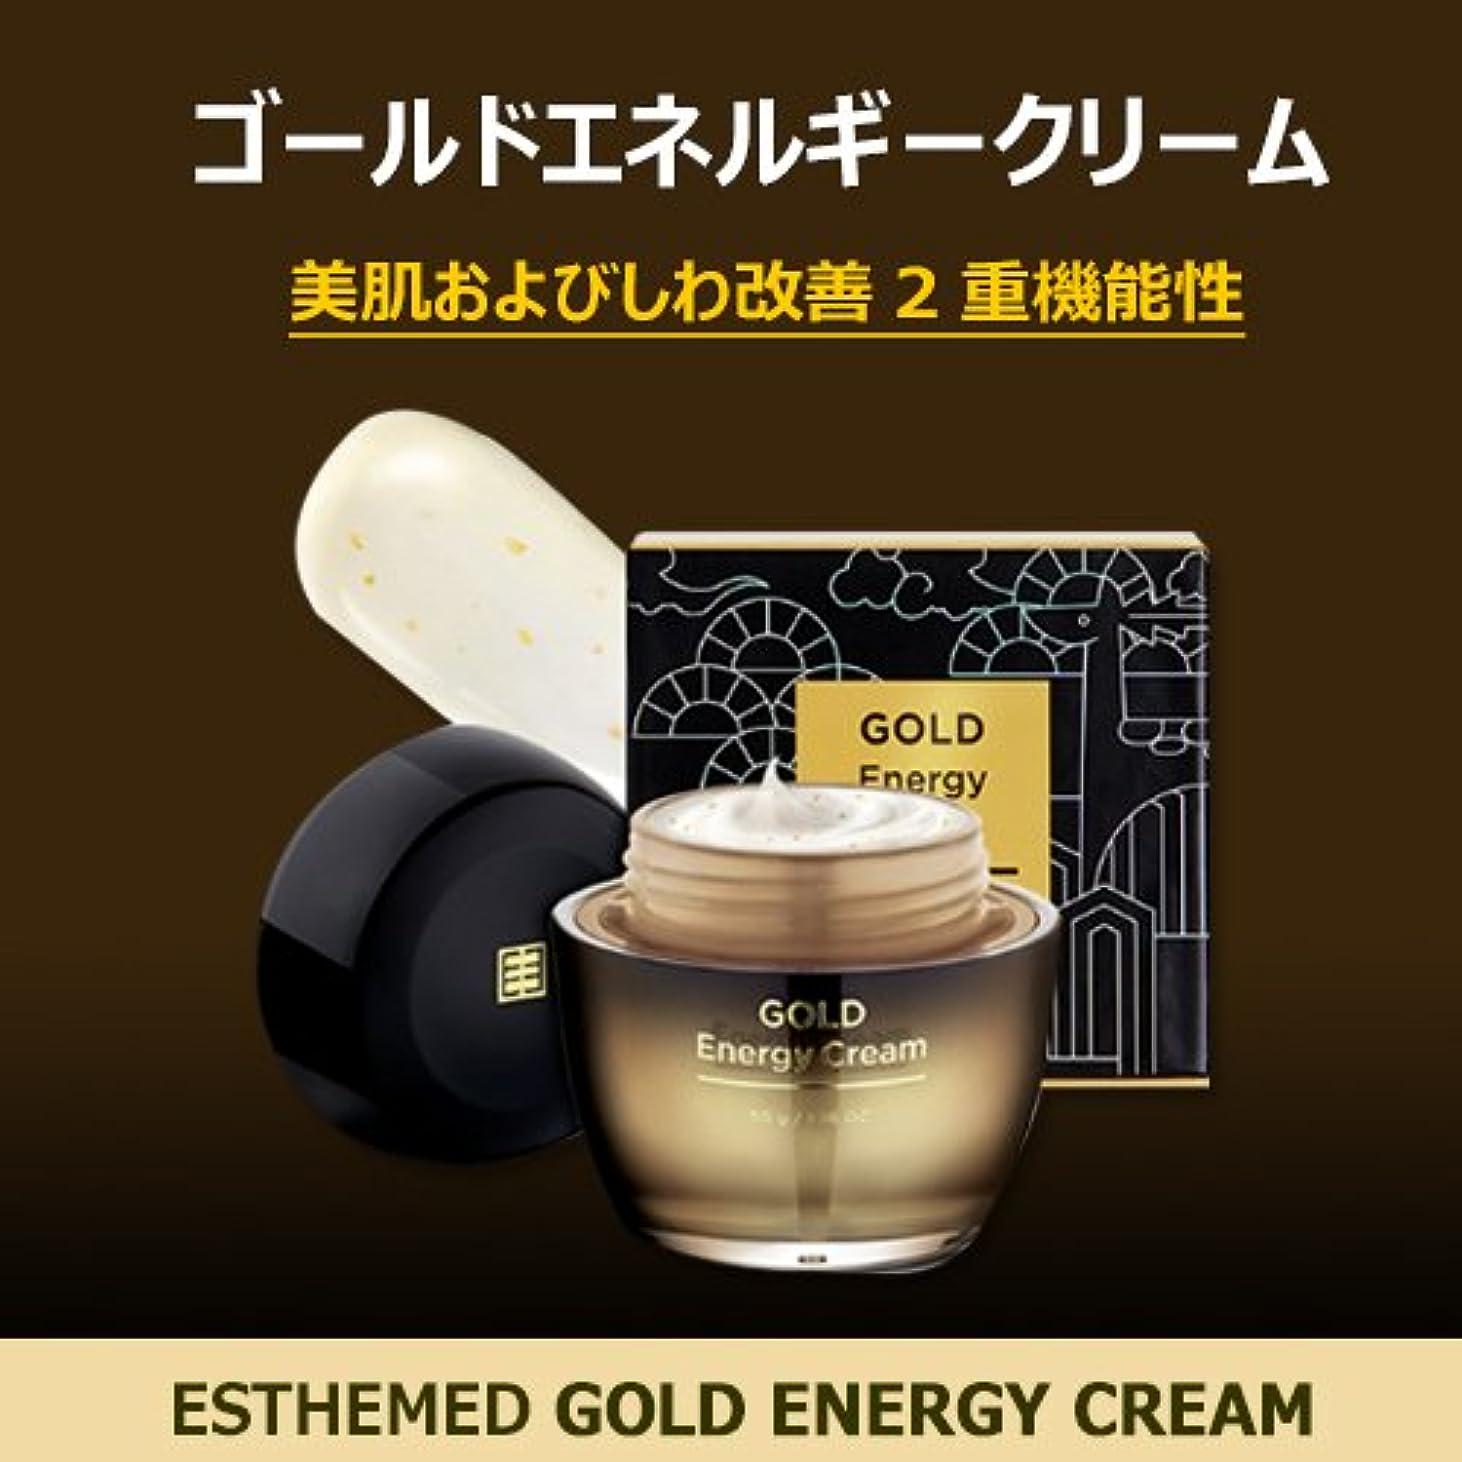 ストローアジャ半導体ESTHEMED エステメド ゴールド エネルギー クリーム GOLD Energy Cream 50g 【 シワ改善 美肌 保湿 回復 韓国コスメ 】